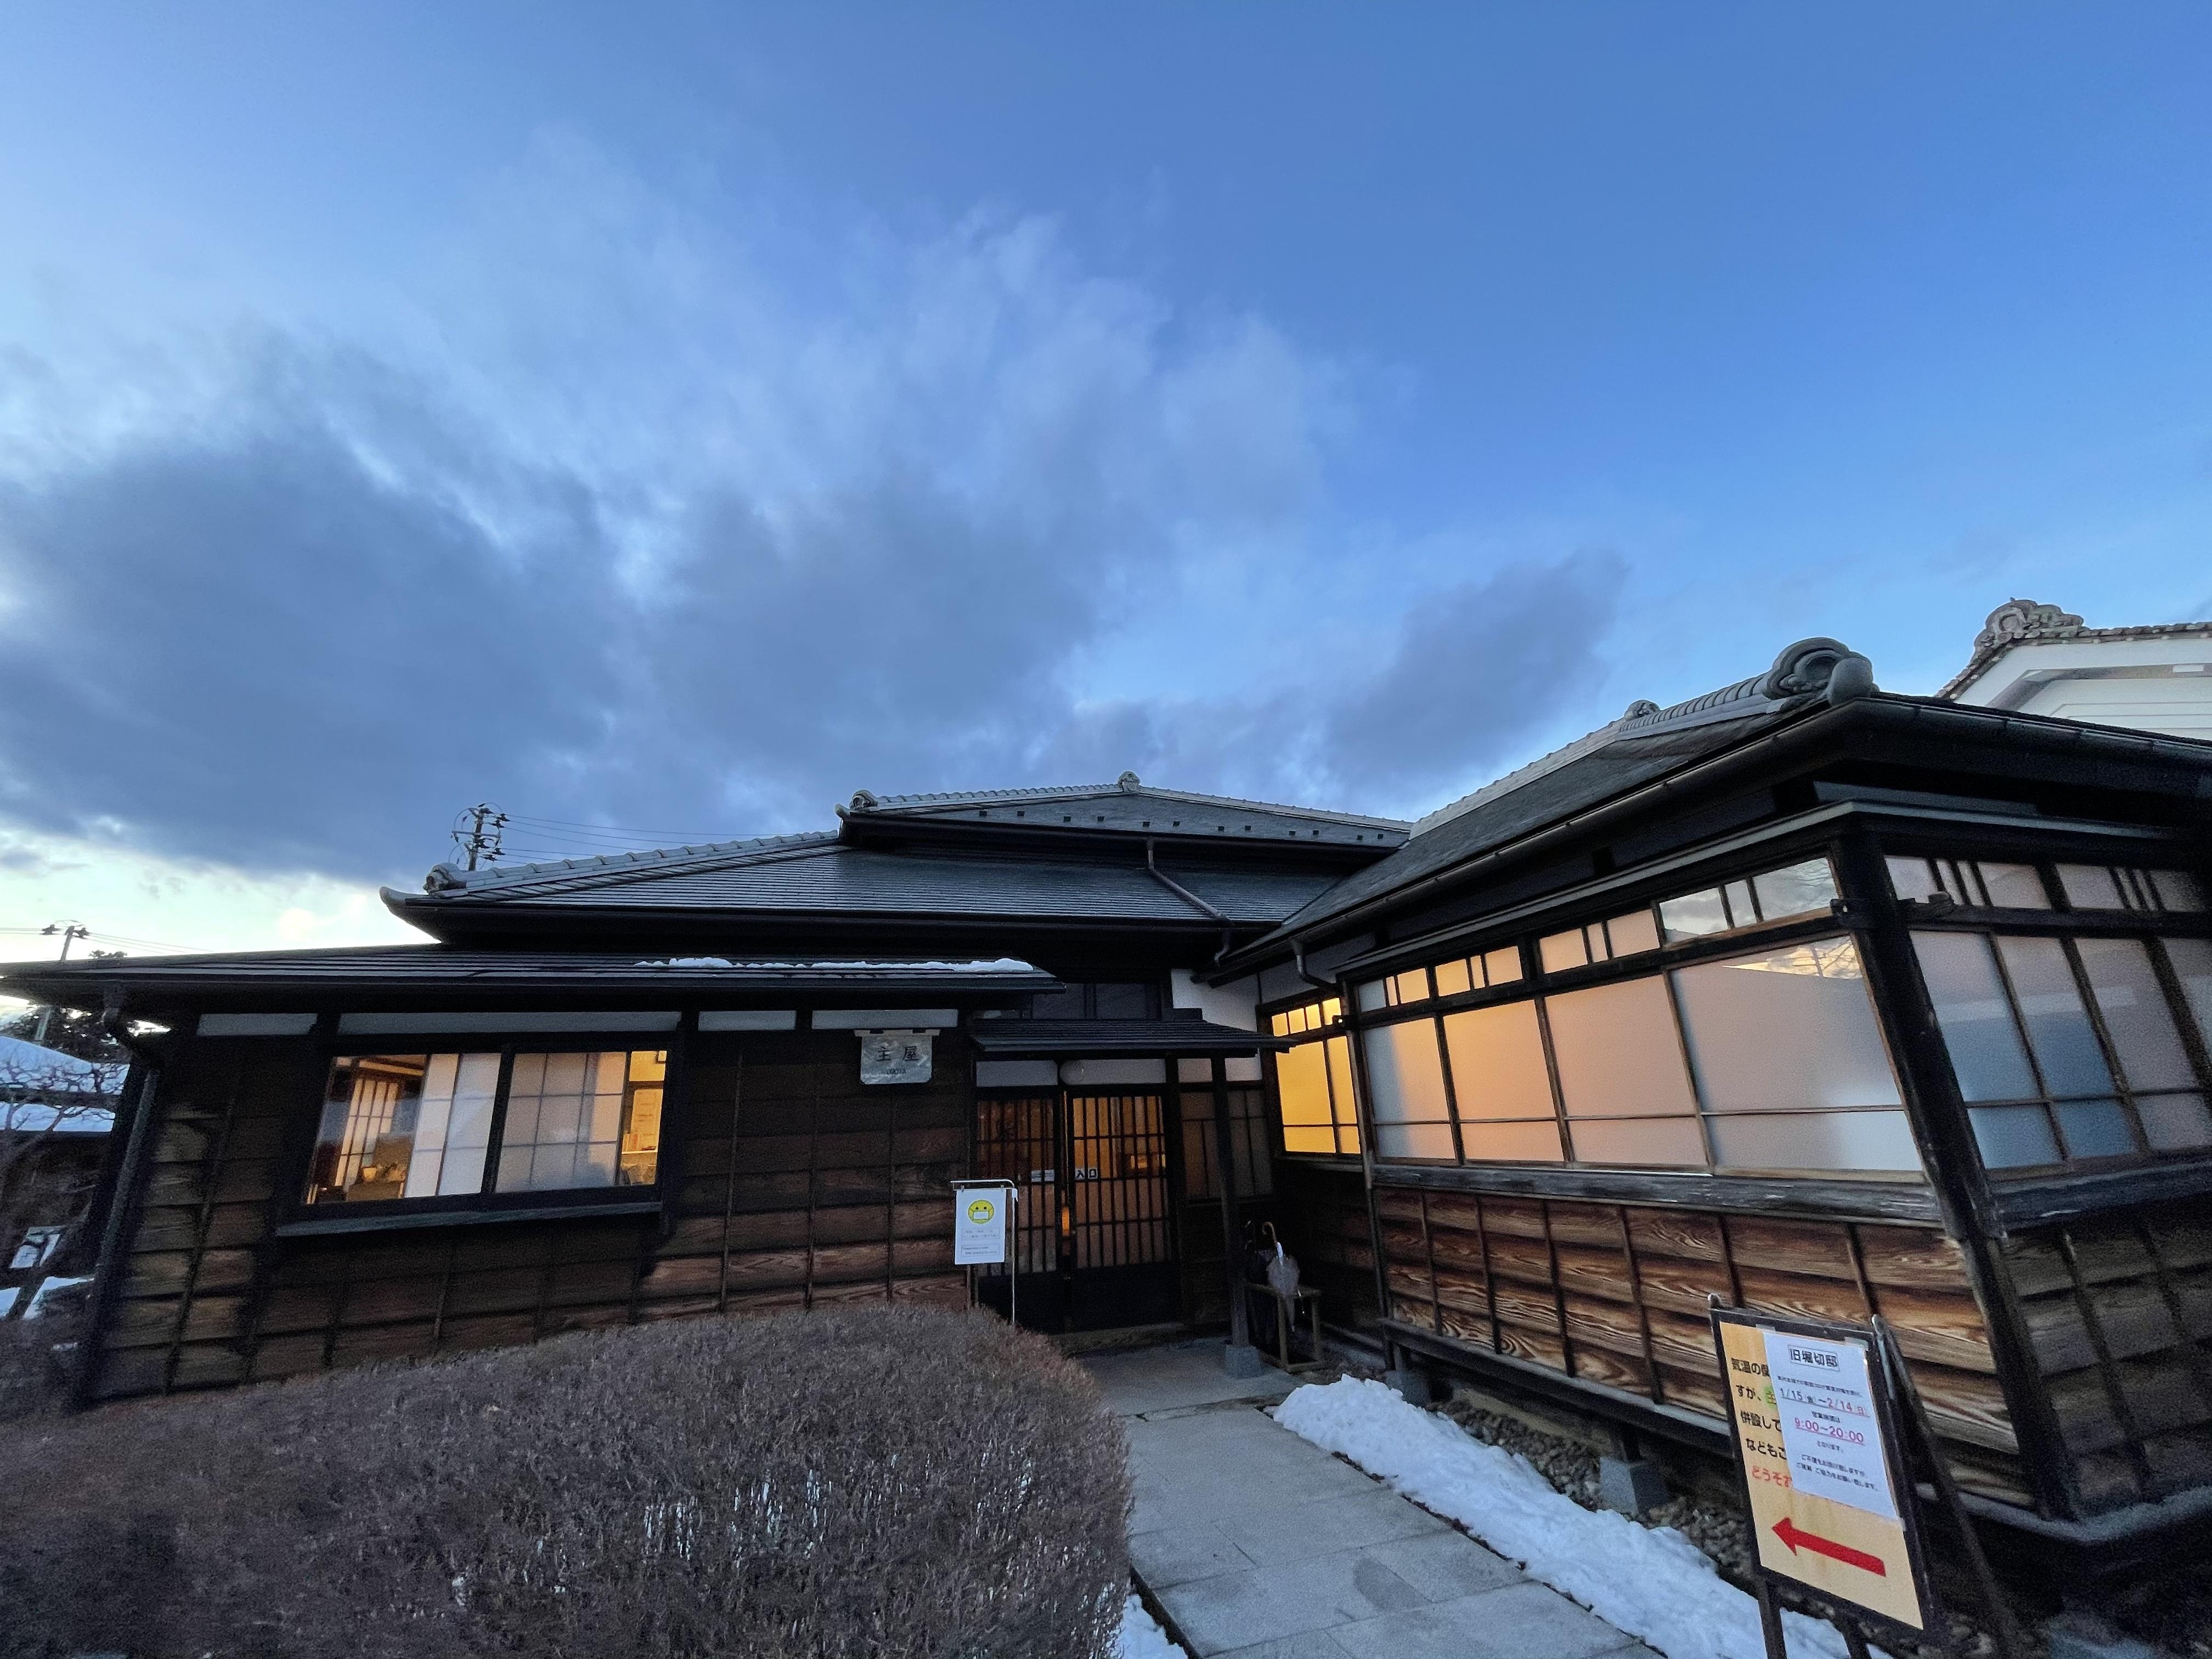 旧堀切邸休館のお知らせ